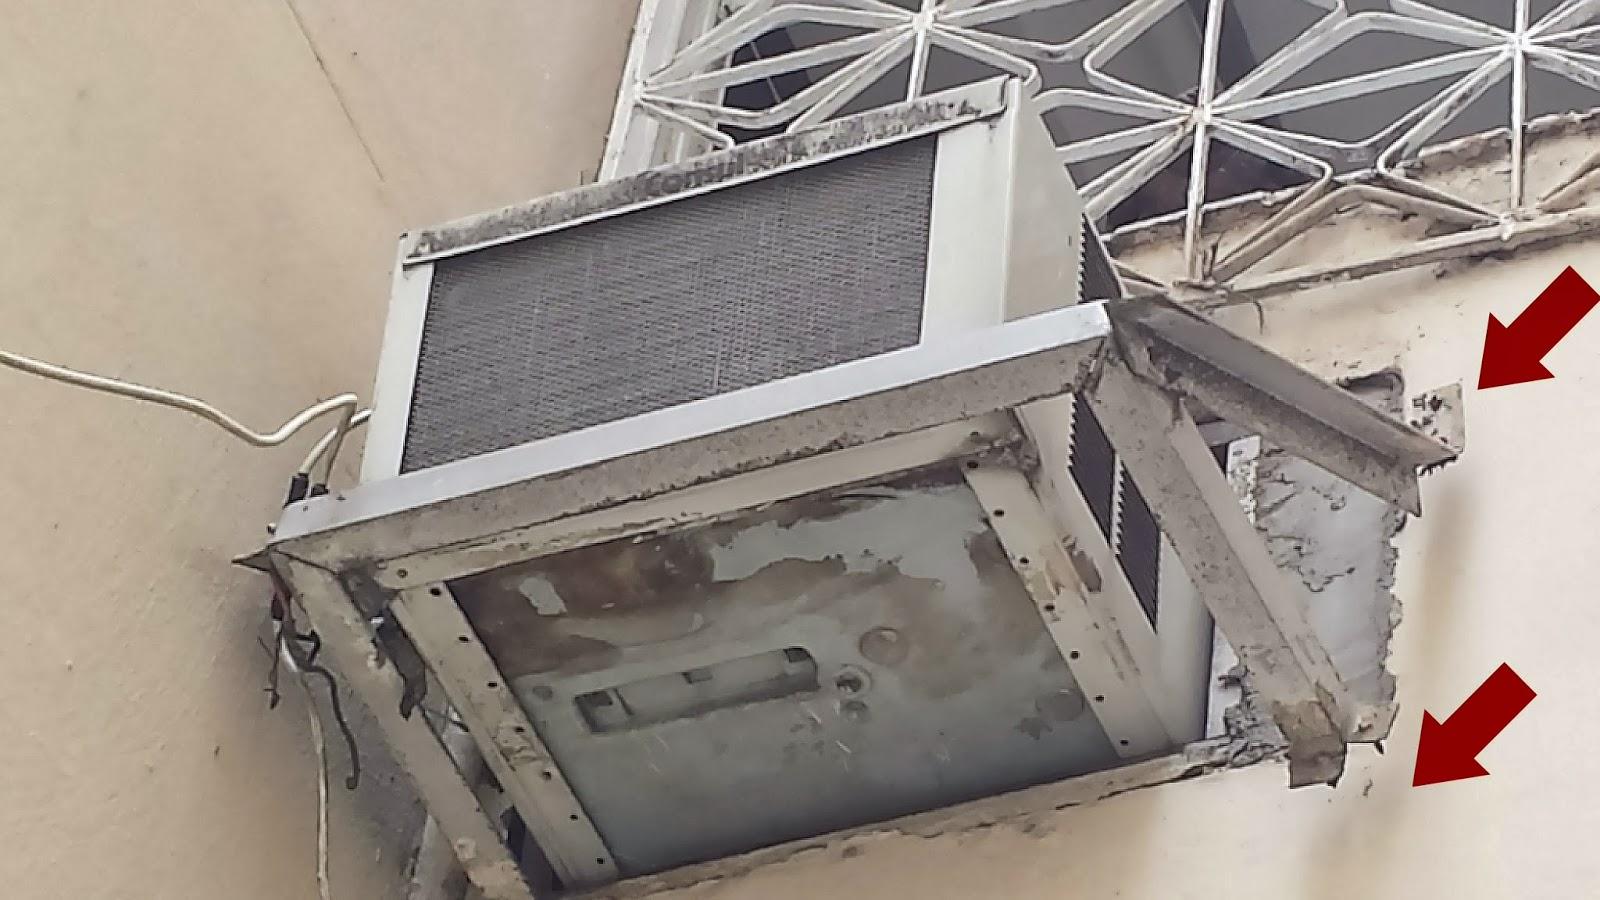 #6D3330 Vasos com plantas apoiados em beiradas de janelas. 4212 Instalar Ar Condicionado Janela Apartamento